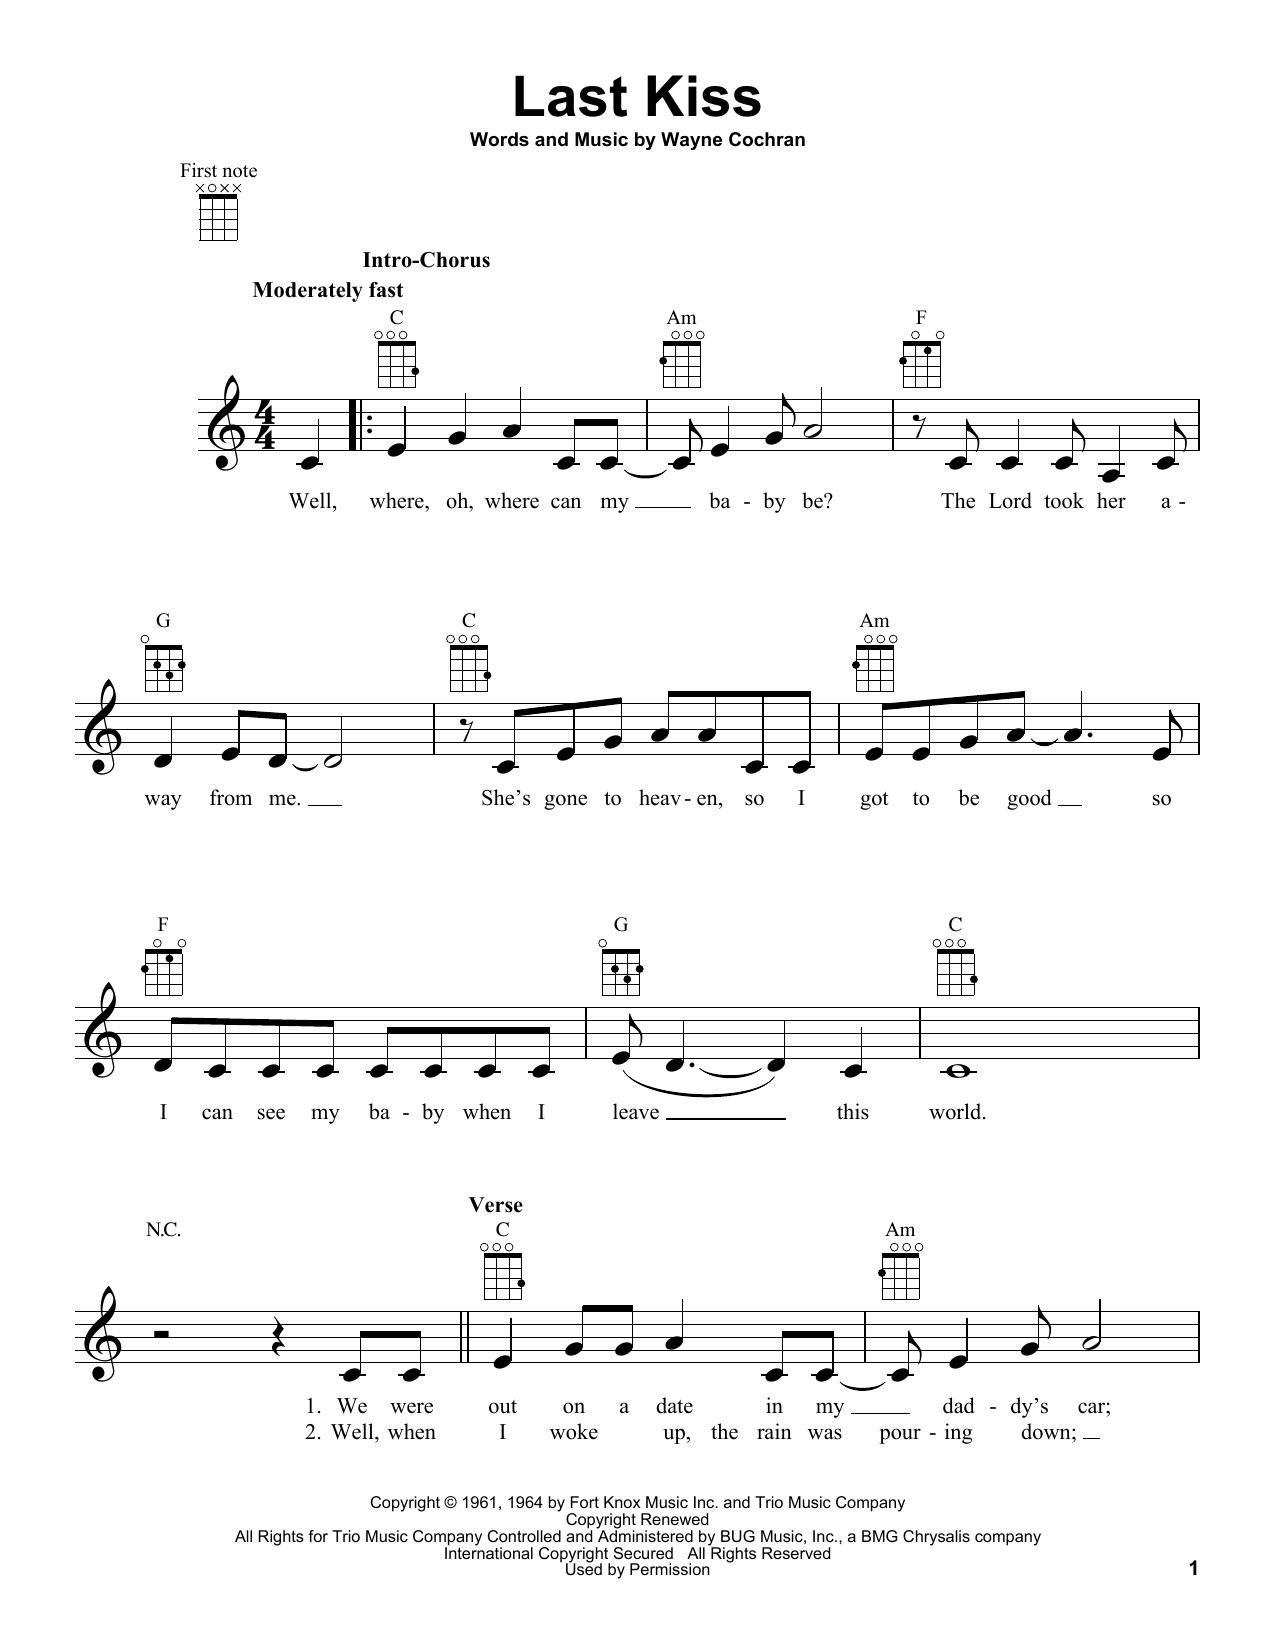 Wayne Cochran Last Kiss sheet music notes and chords. Download Printable PDF.